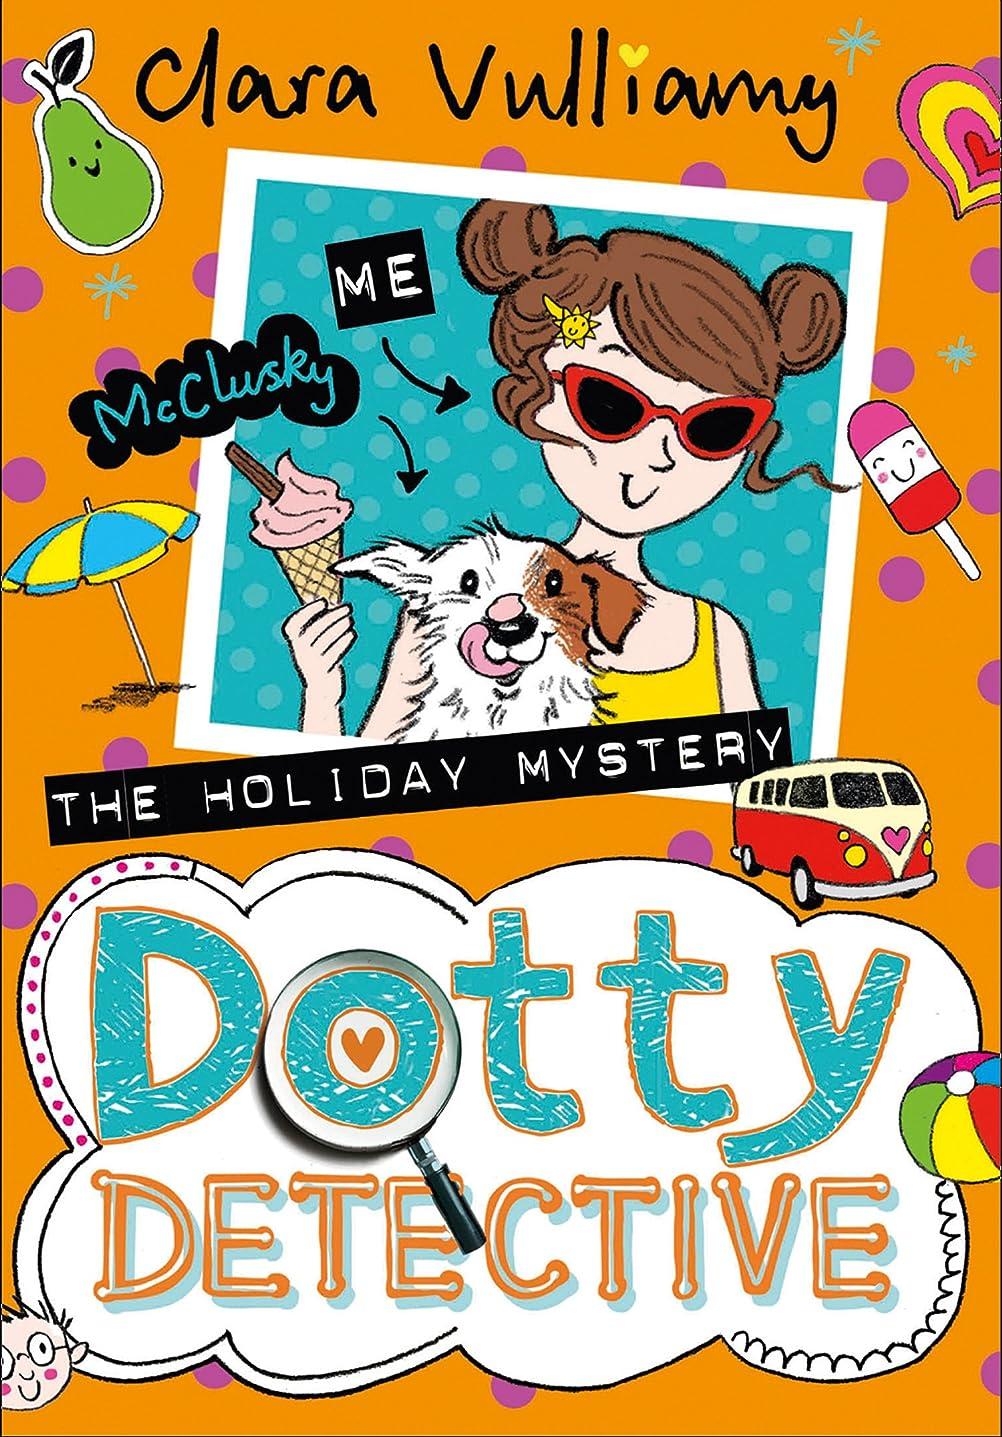 地元小包誓約The Holiday Mystery (Dotty Detective, Book 6) (English Edition)